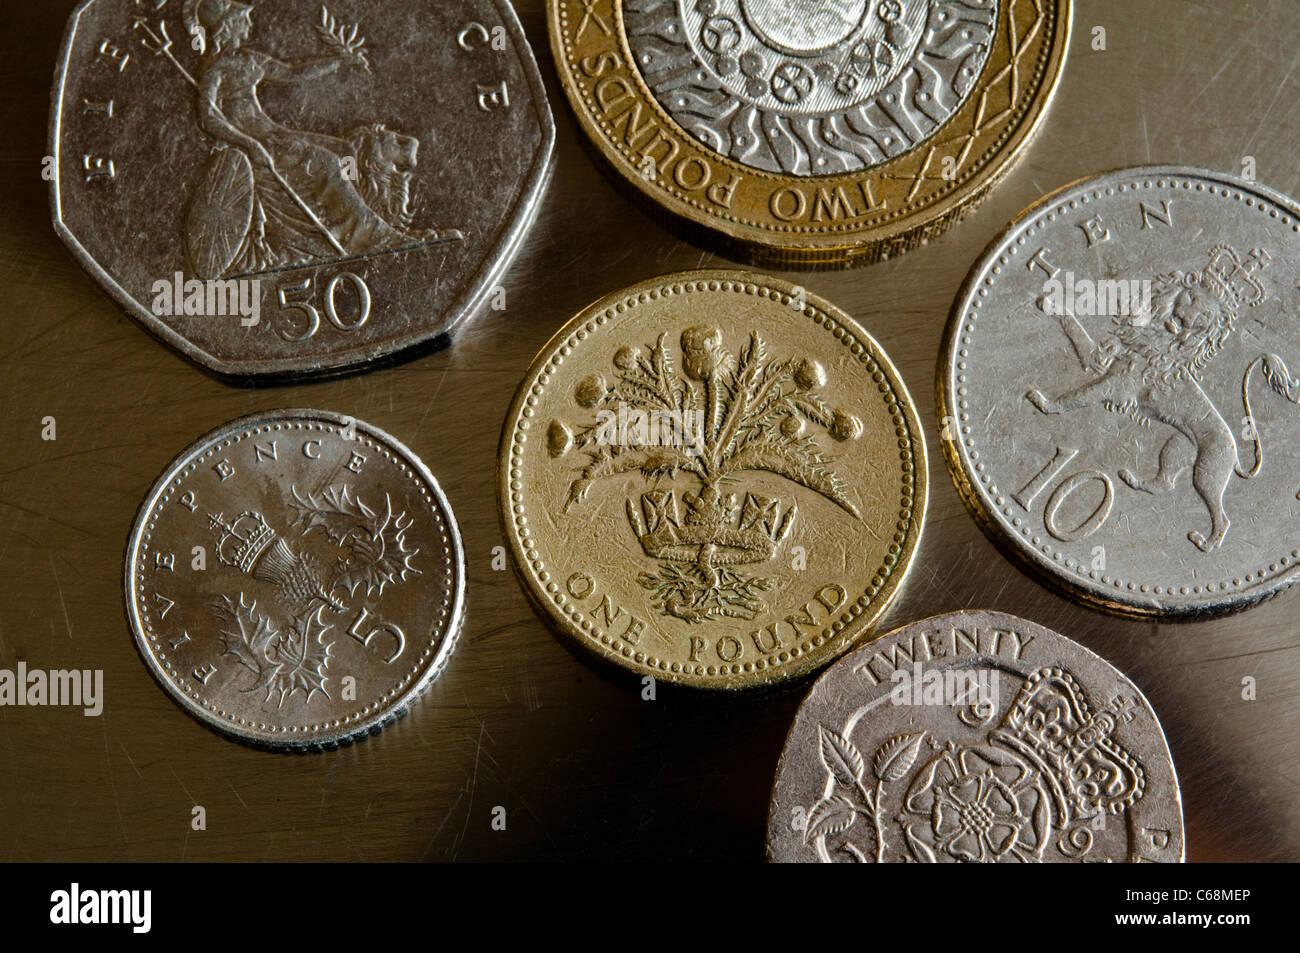 Uk Münzen Geld Schottische 1 Pfund 2 Pfund 50p 10p Und 5